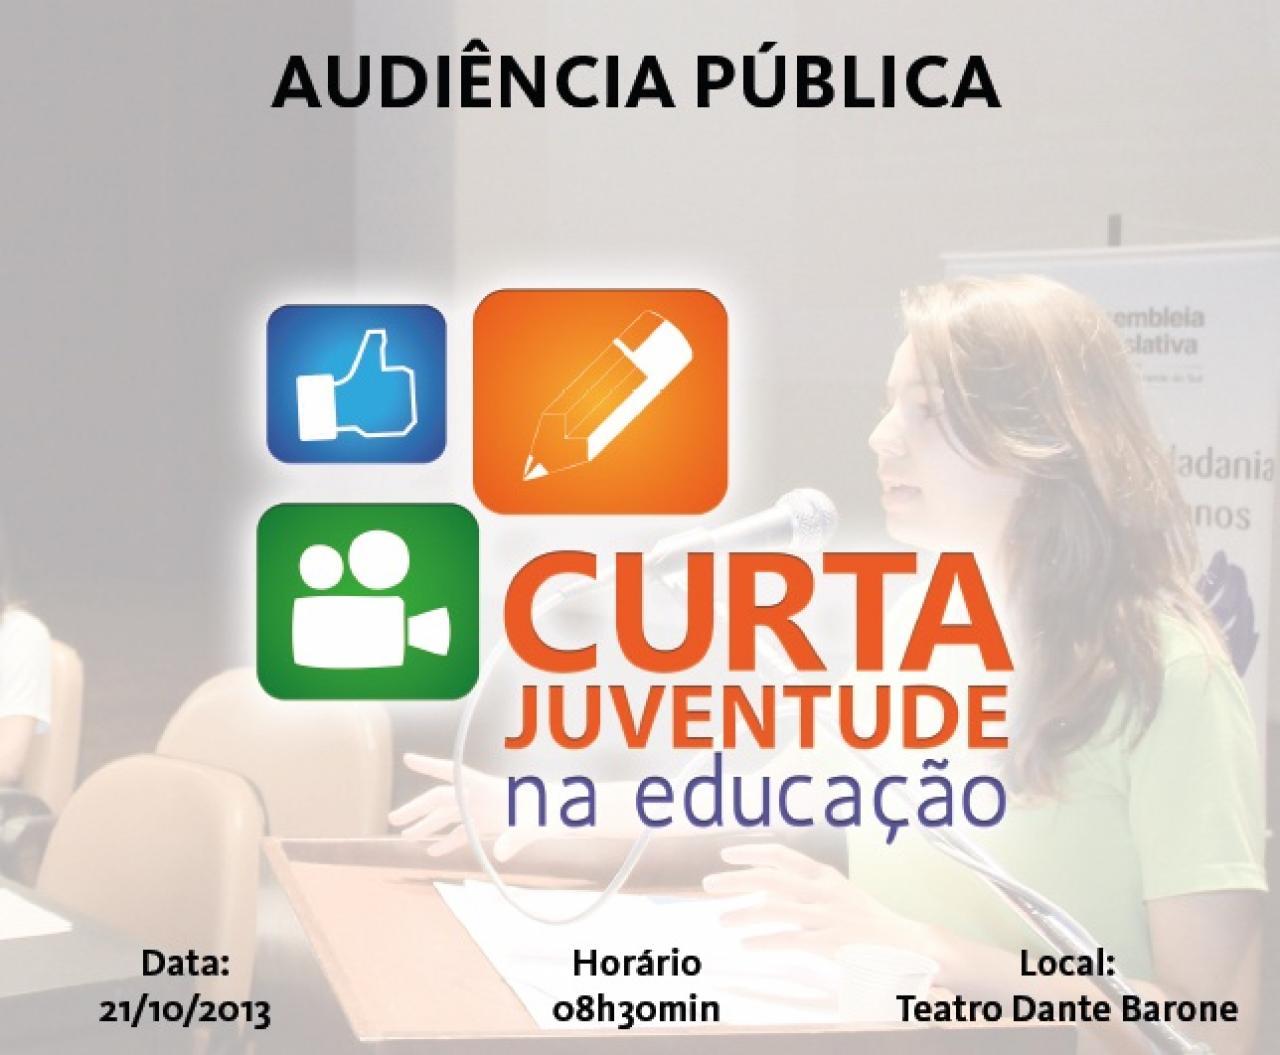 Audiência Pública Estadual: Curta Juventude na Educação